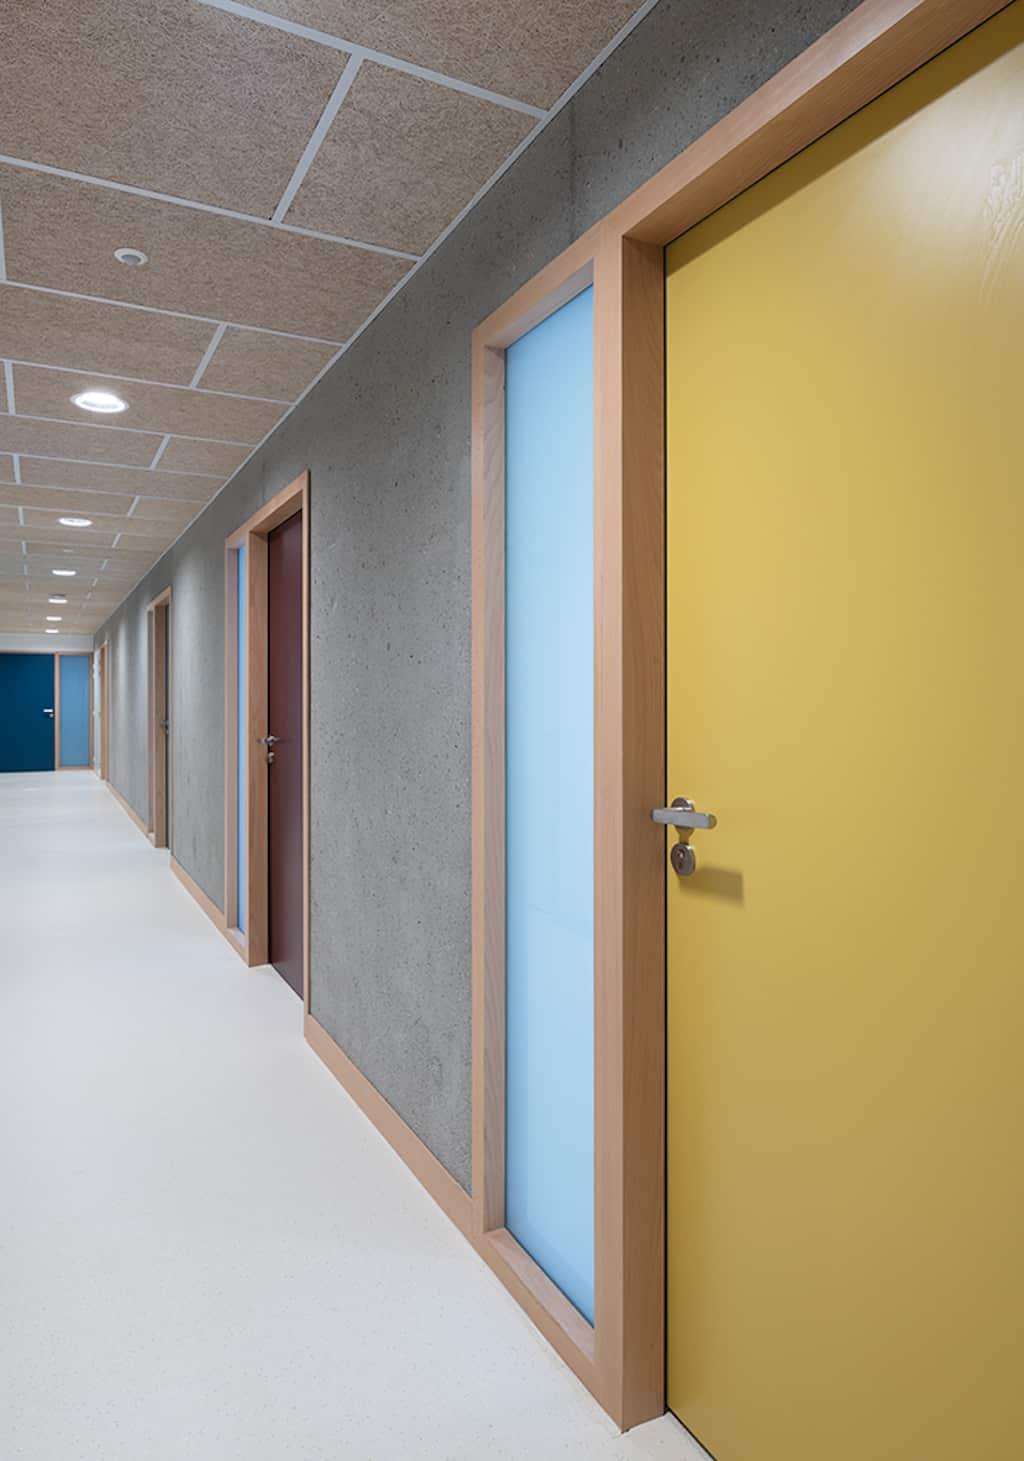 Saint Clair 07 - Maison pluridisciplinaire de santé – Saint-Clair-sur-l'Elle